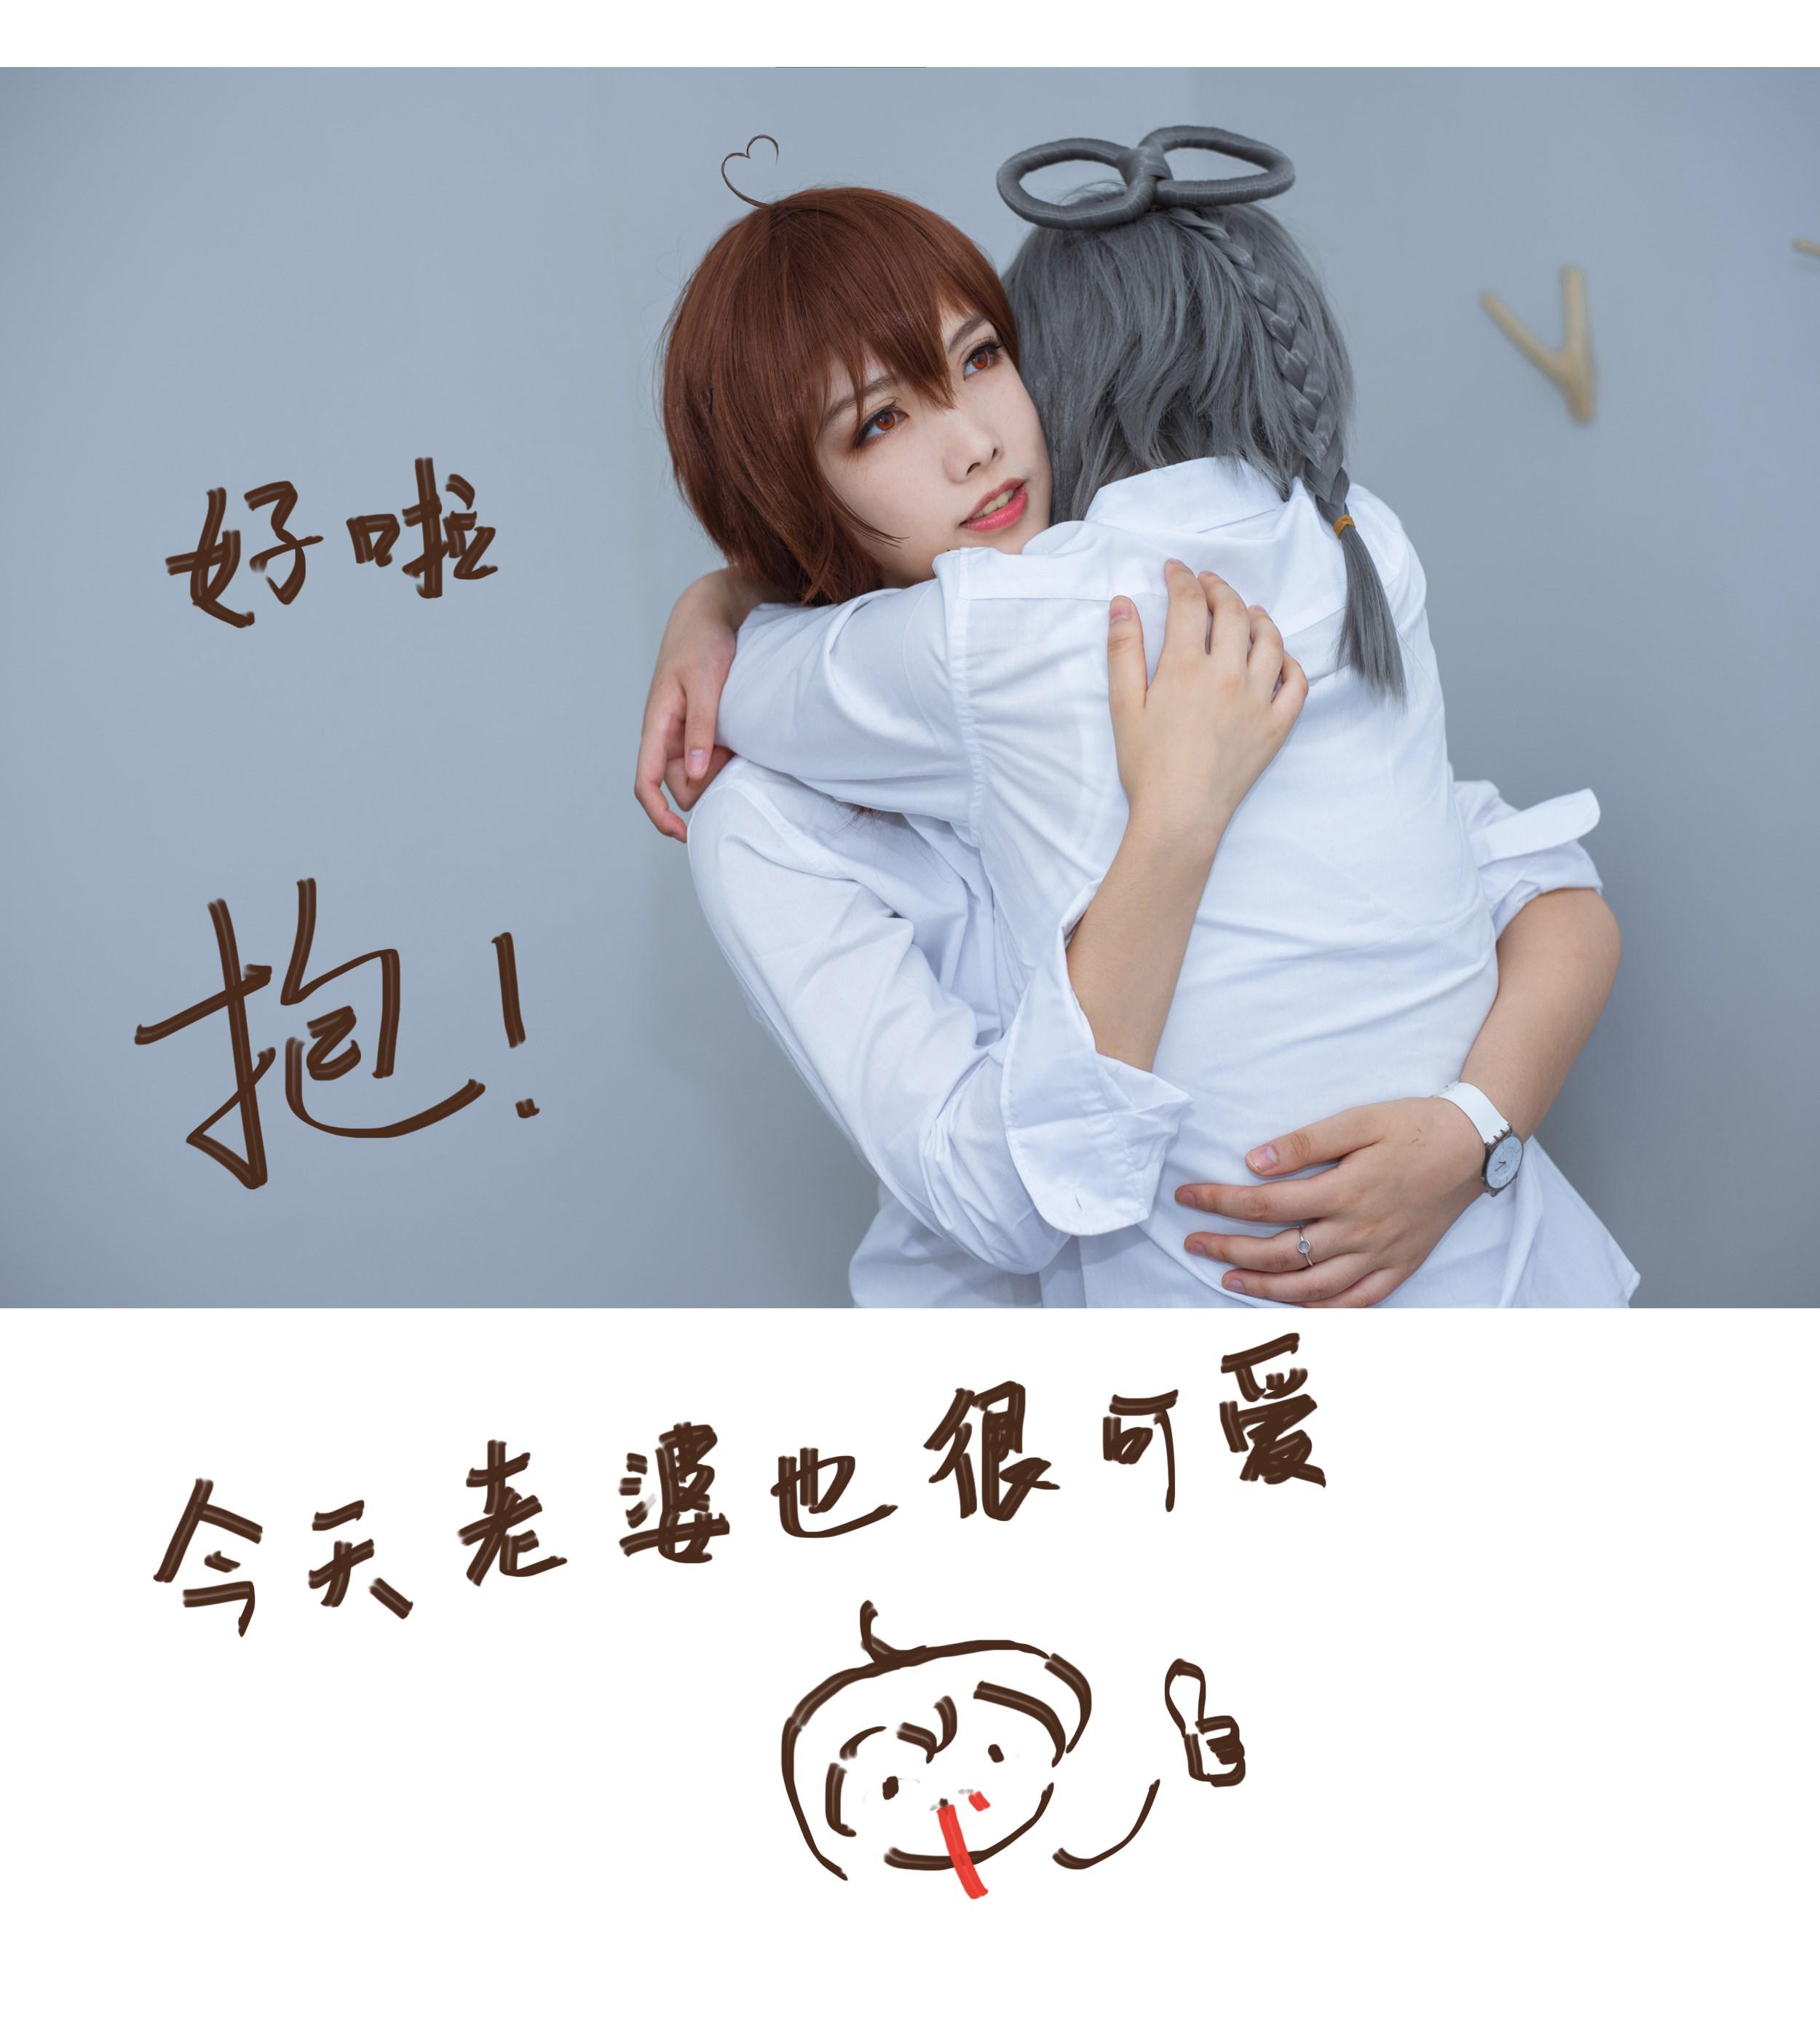 【兔玩映画】vol.03-和小甜甜的日常 兔玩映画 第16张